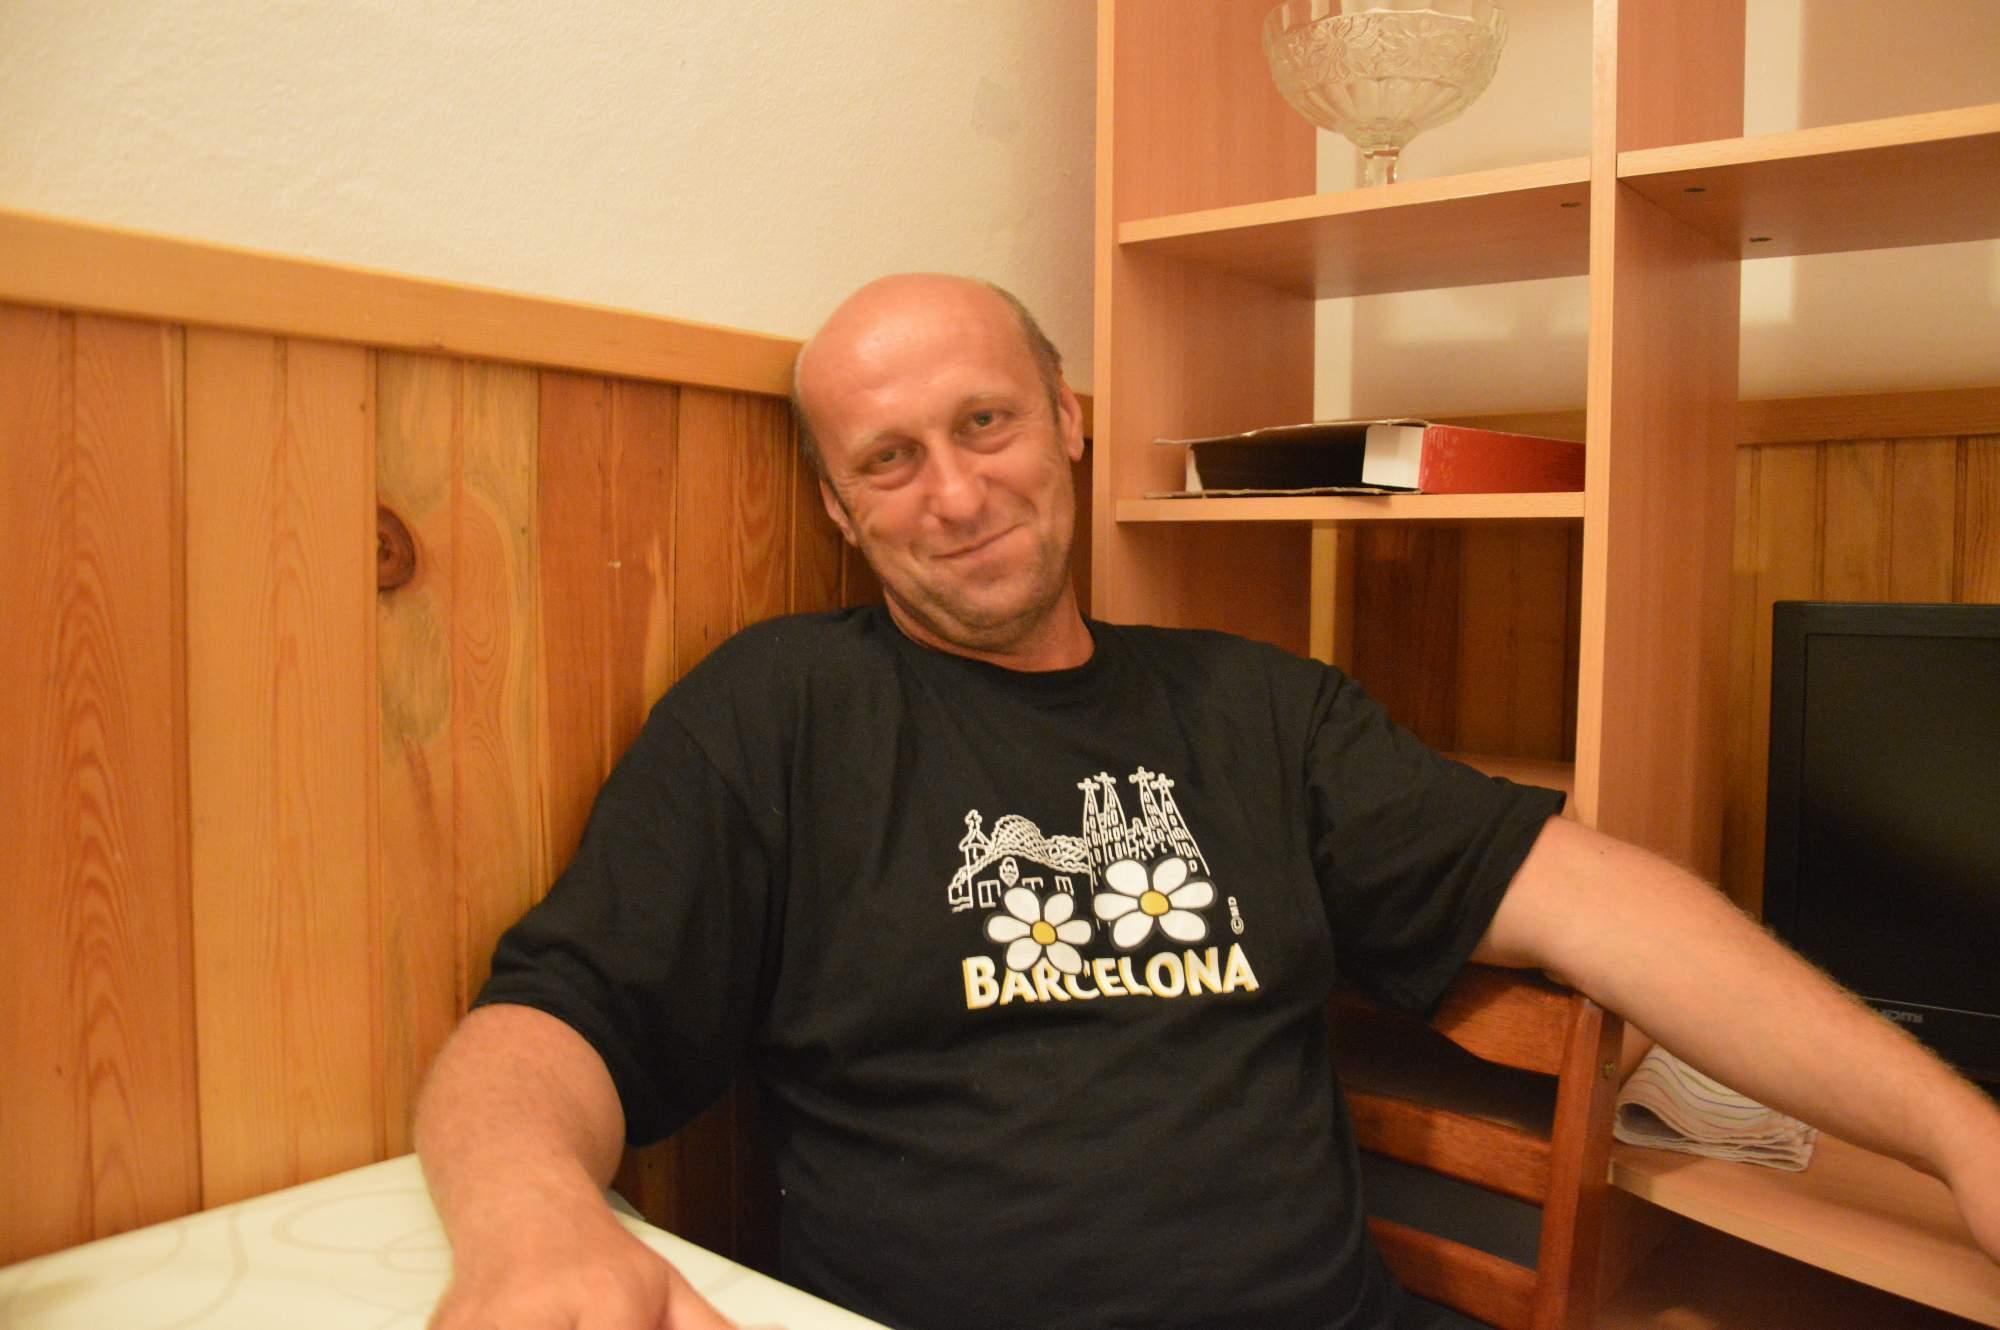 http://img19.rajce.idnes.cz/d1902/11/11369/11369498_ba1b1cc51aa2b100ecd01c05fe1b9075/images/DSC_0810.jpg